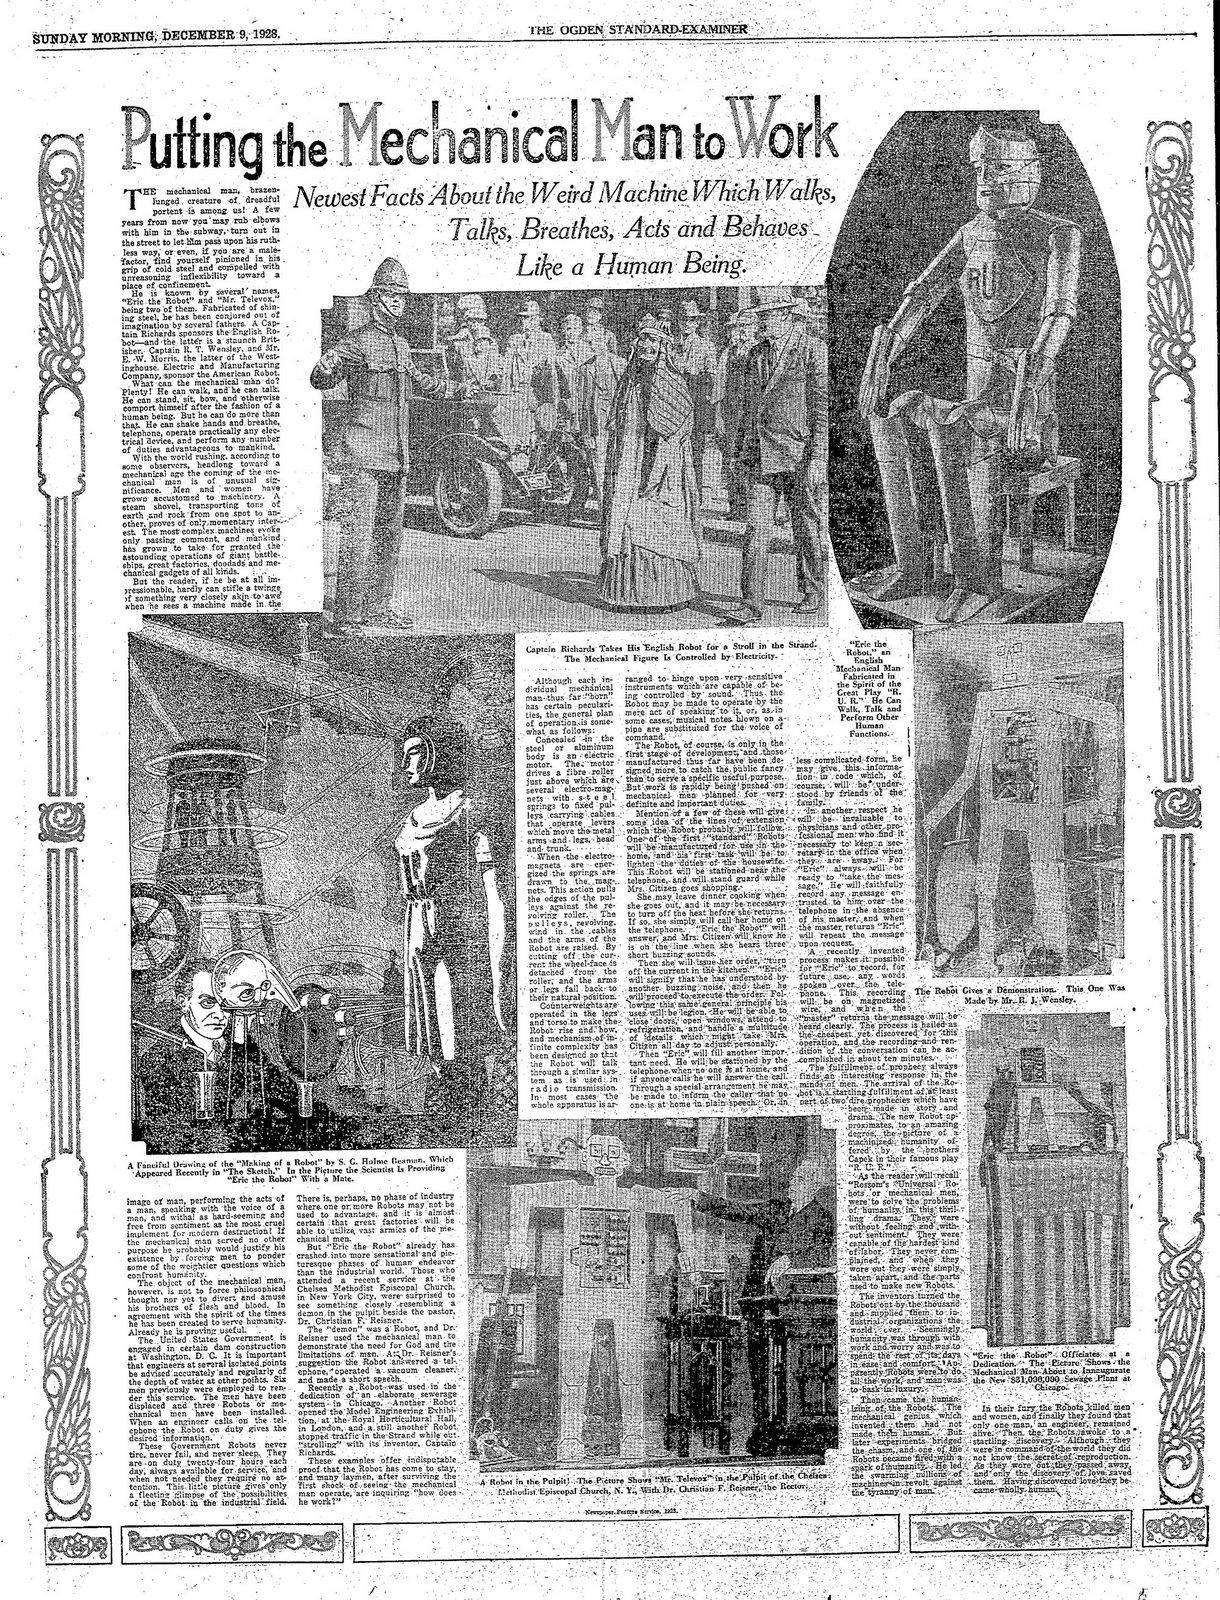 1928 Ogden Standard-Examiner Dec 9 Ogden City UT.jpg